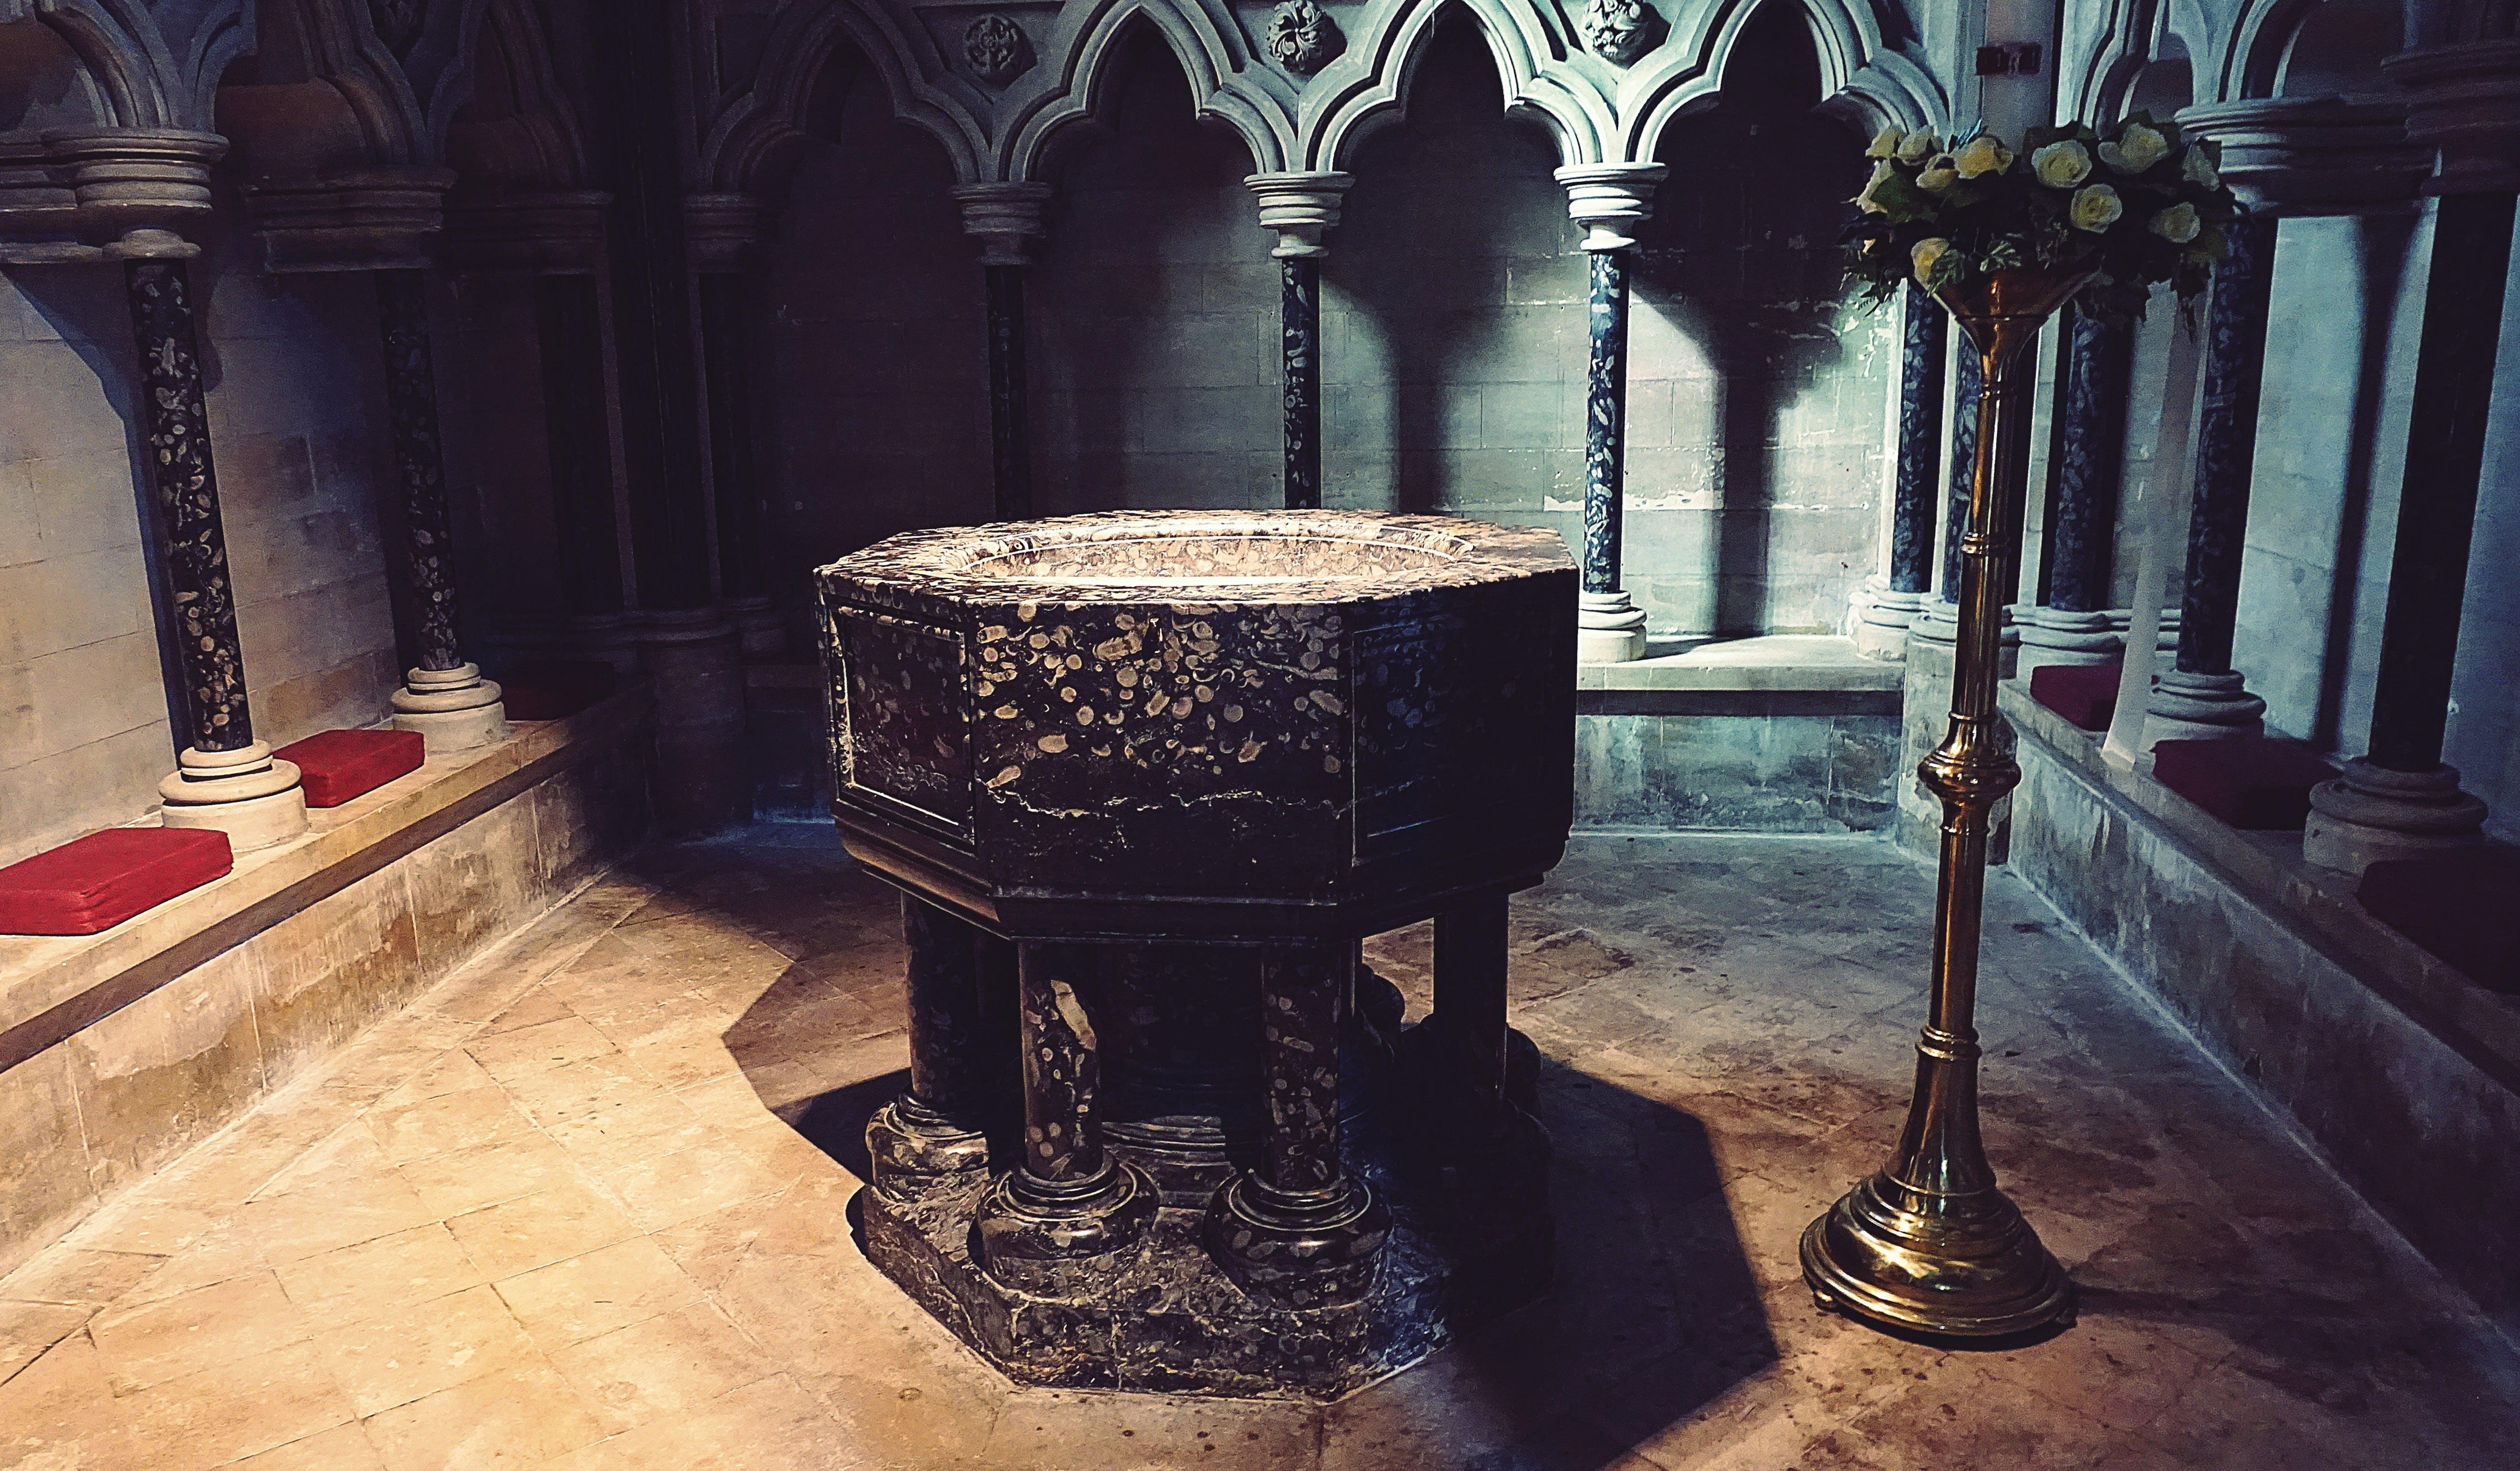 가톨릭, 건축, 고대의, 교회의 무료 스톡 사진